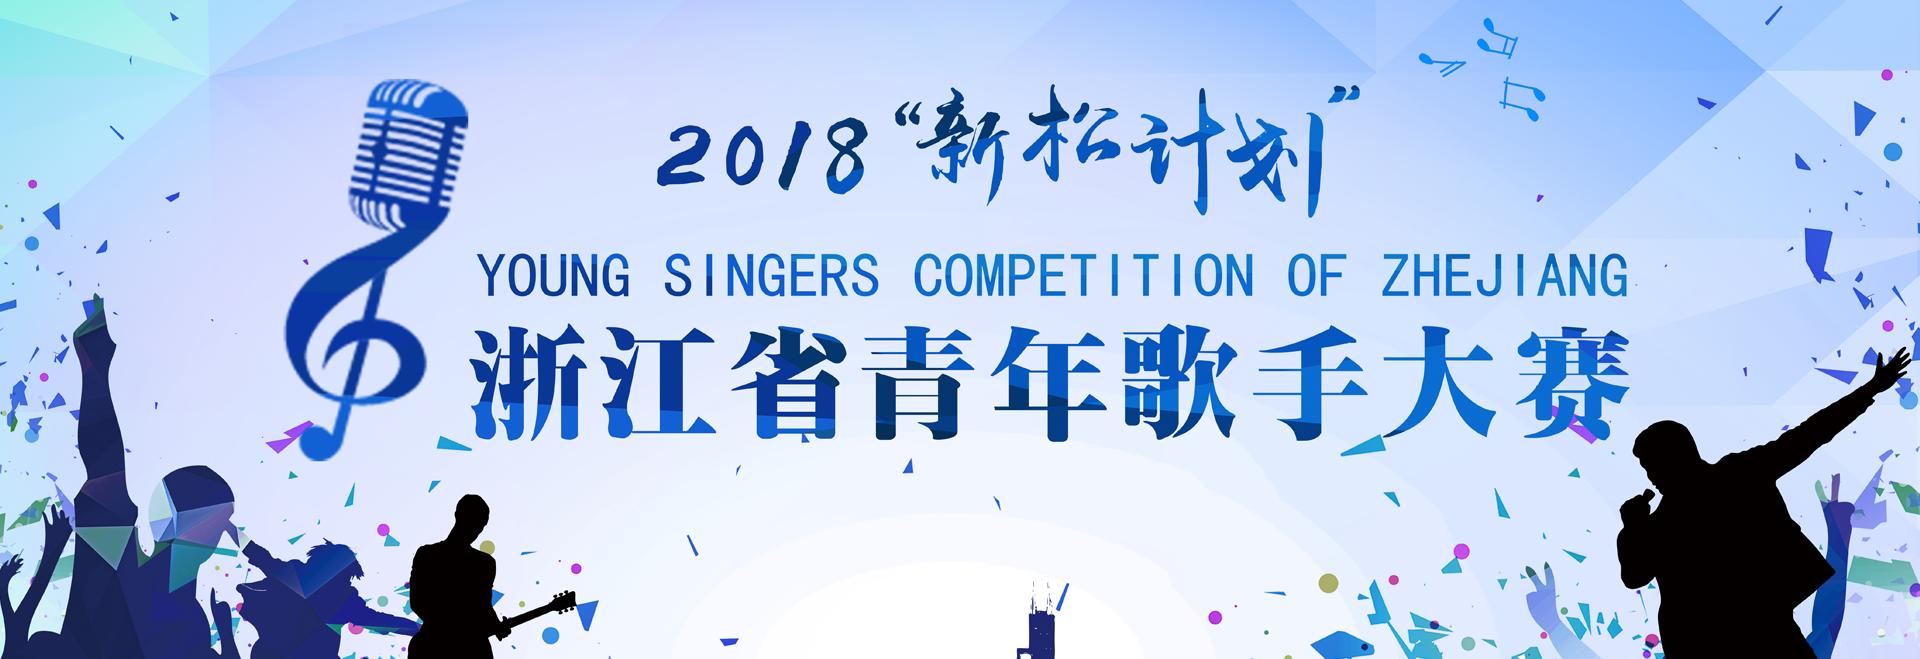 """2018""""新松计划""""浙江省青年歌手大赛"""